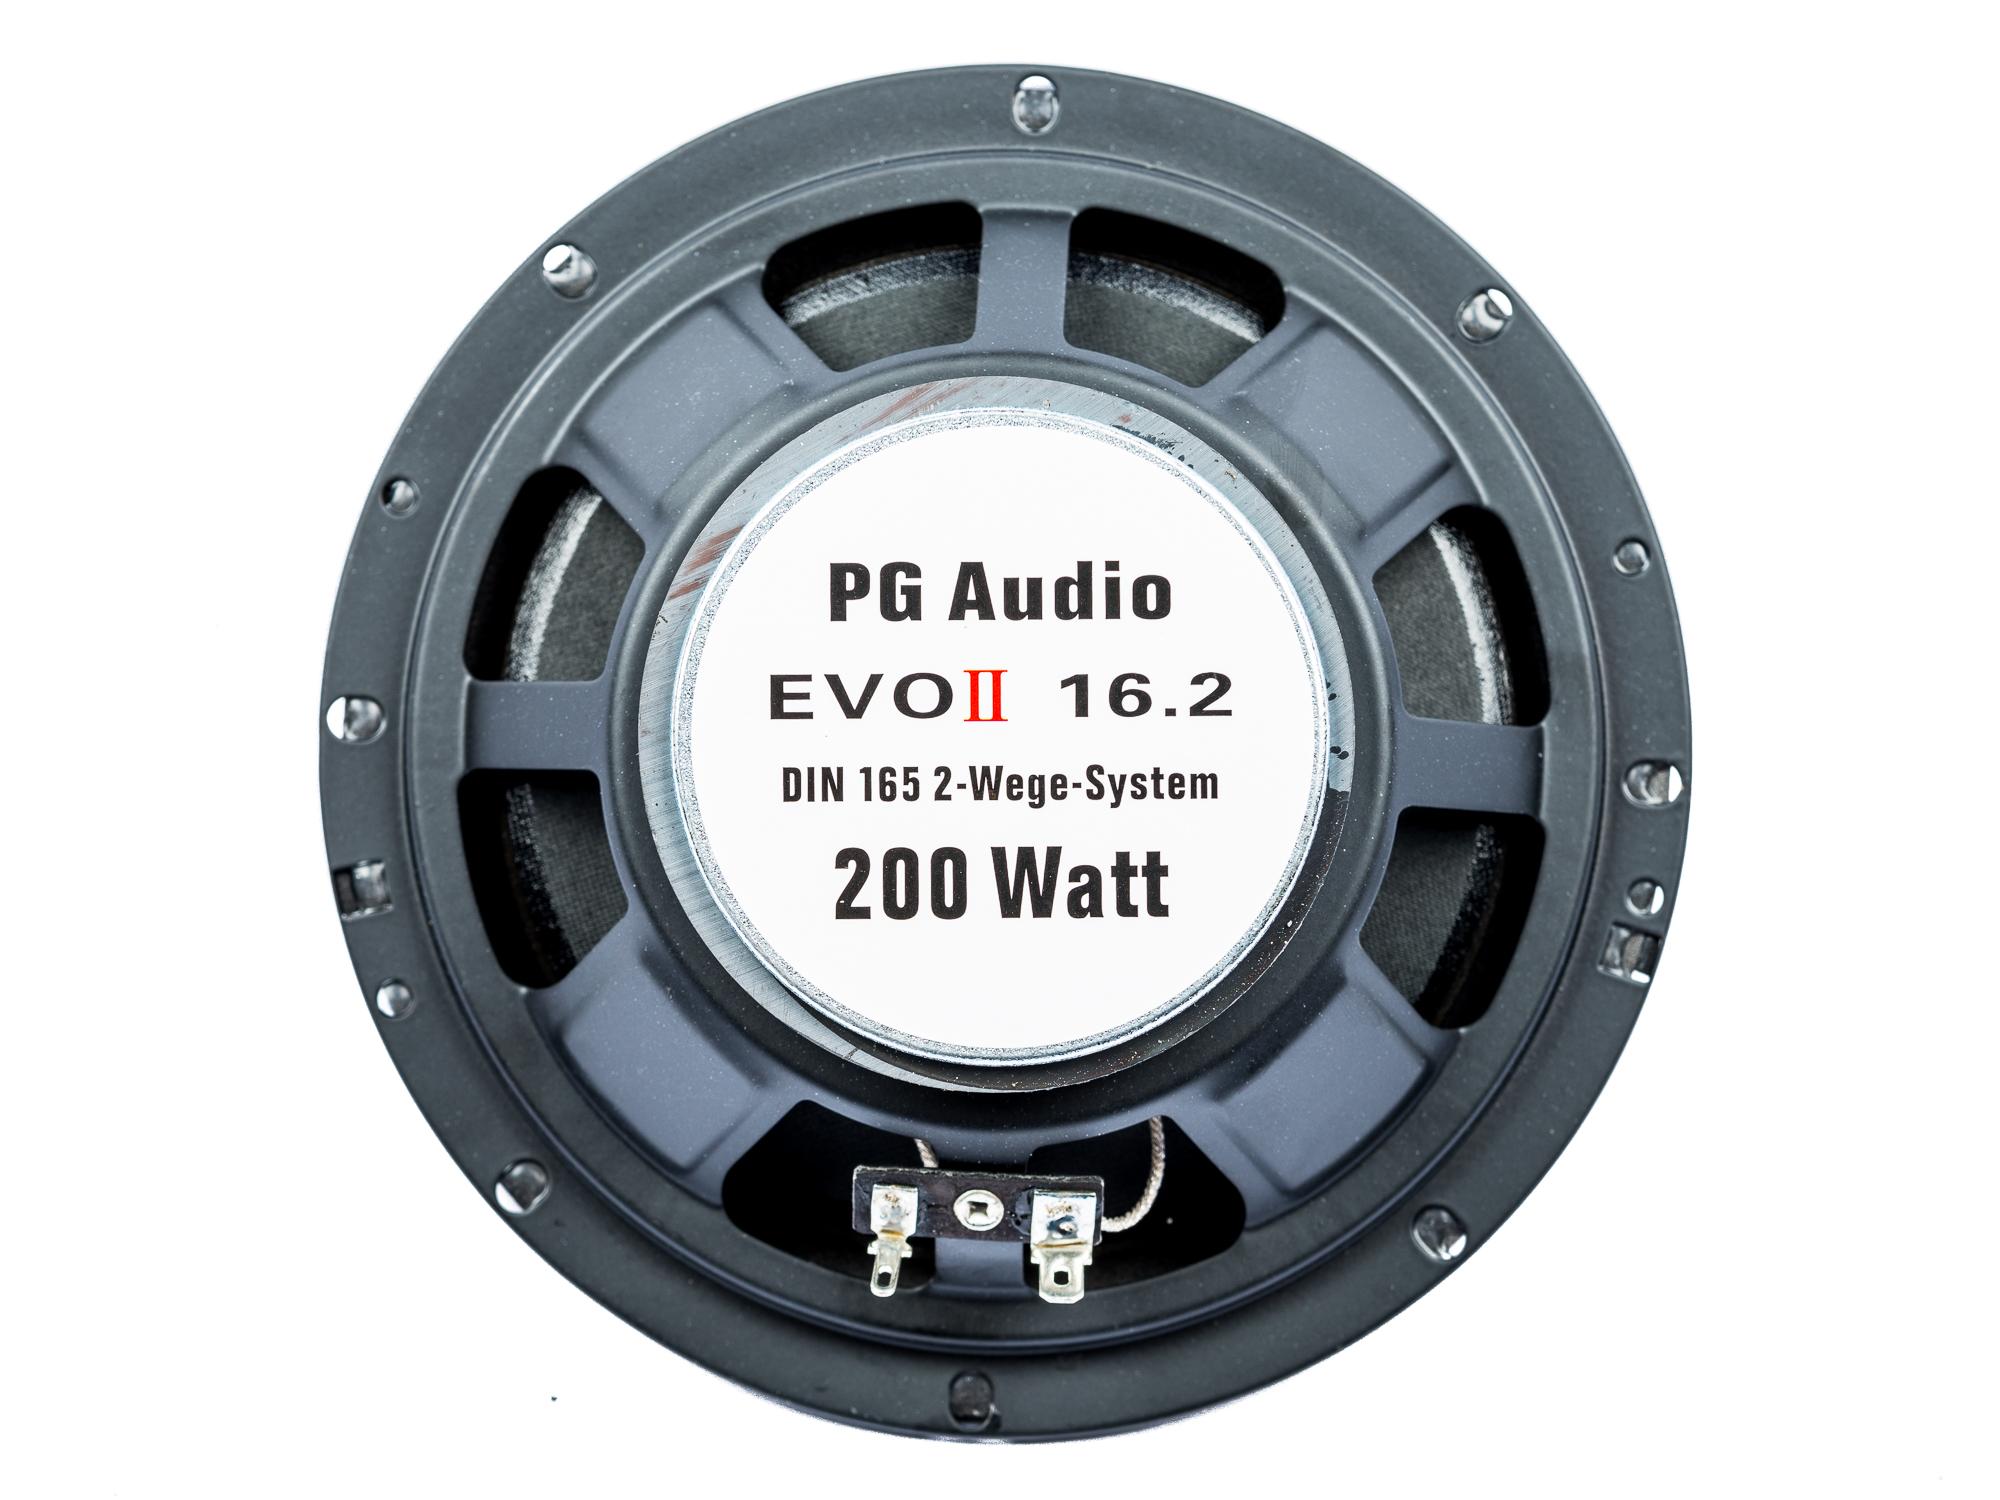 VW Jetta V Jetta VI Multivan Caravelle Lautsprecher Einbauset Tür vorne PG Audio – Bild 2